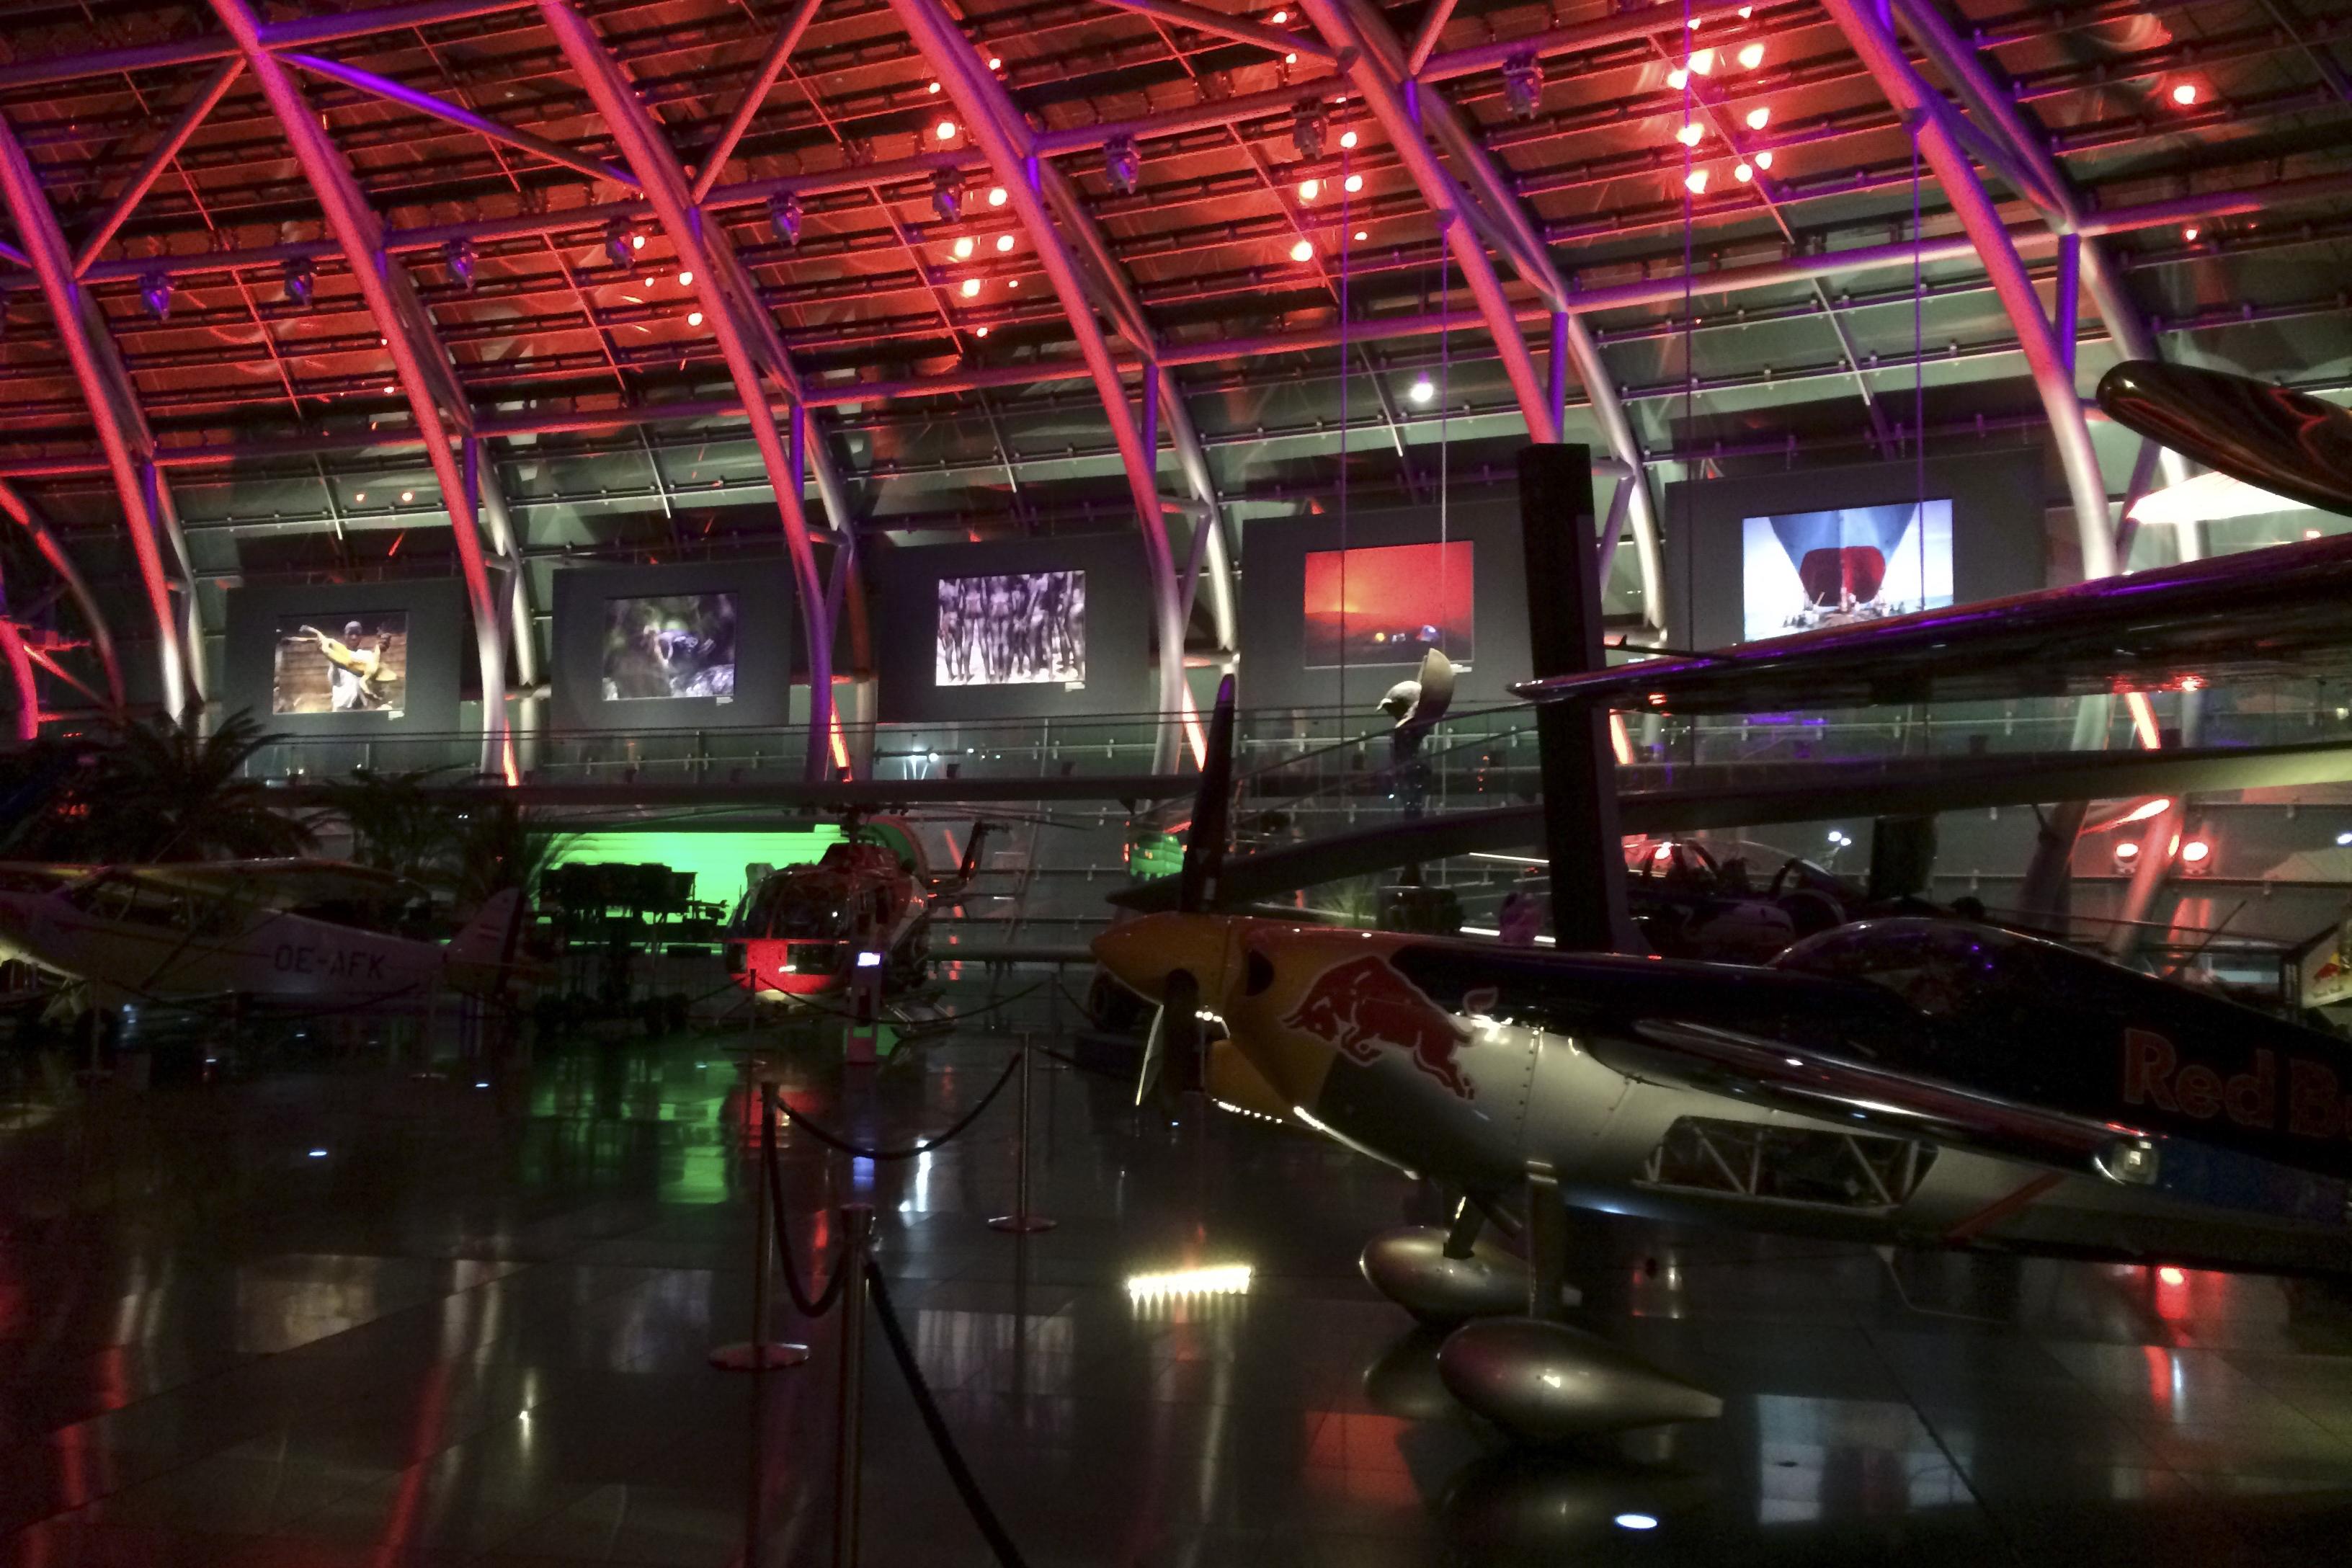 """160428_39Ausstellung im renommierten """"Hangar 7"""" bei Red Bull in Salzburg, Österreich.Exhibit in the reknown """"Hangar 7"""" at Red Bull in Salzburg, Austria."""